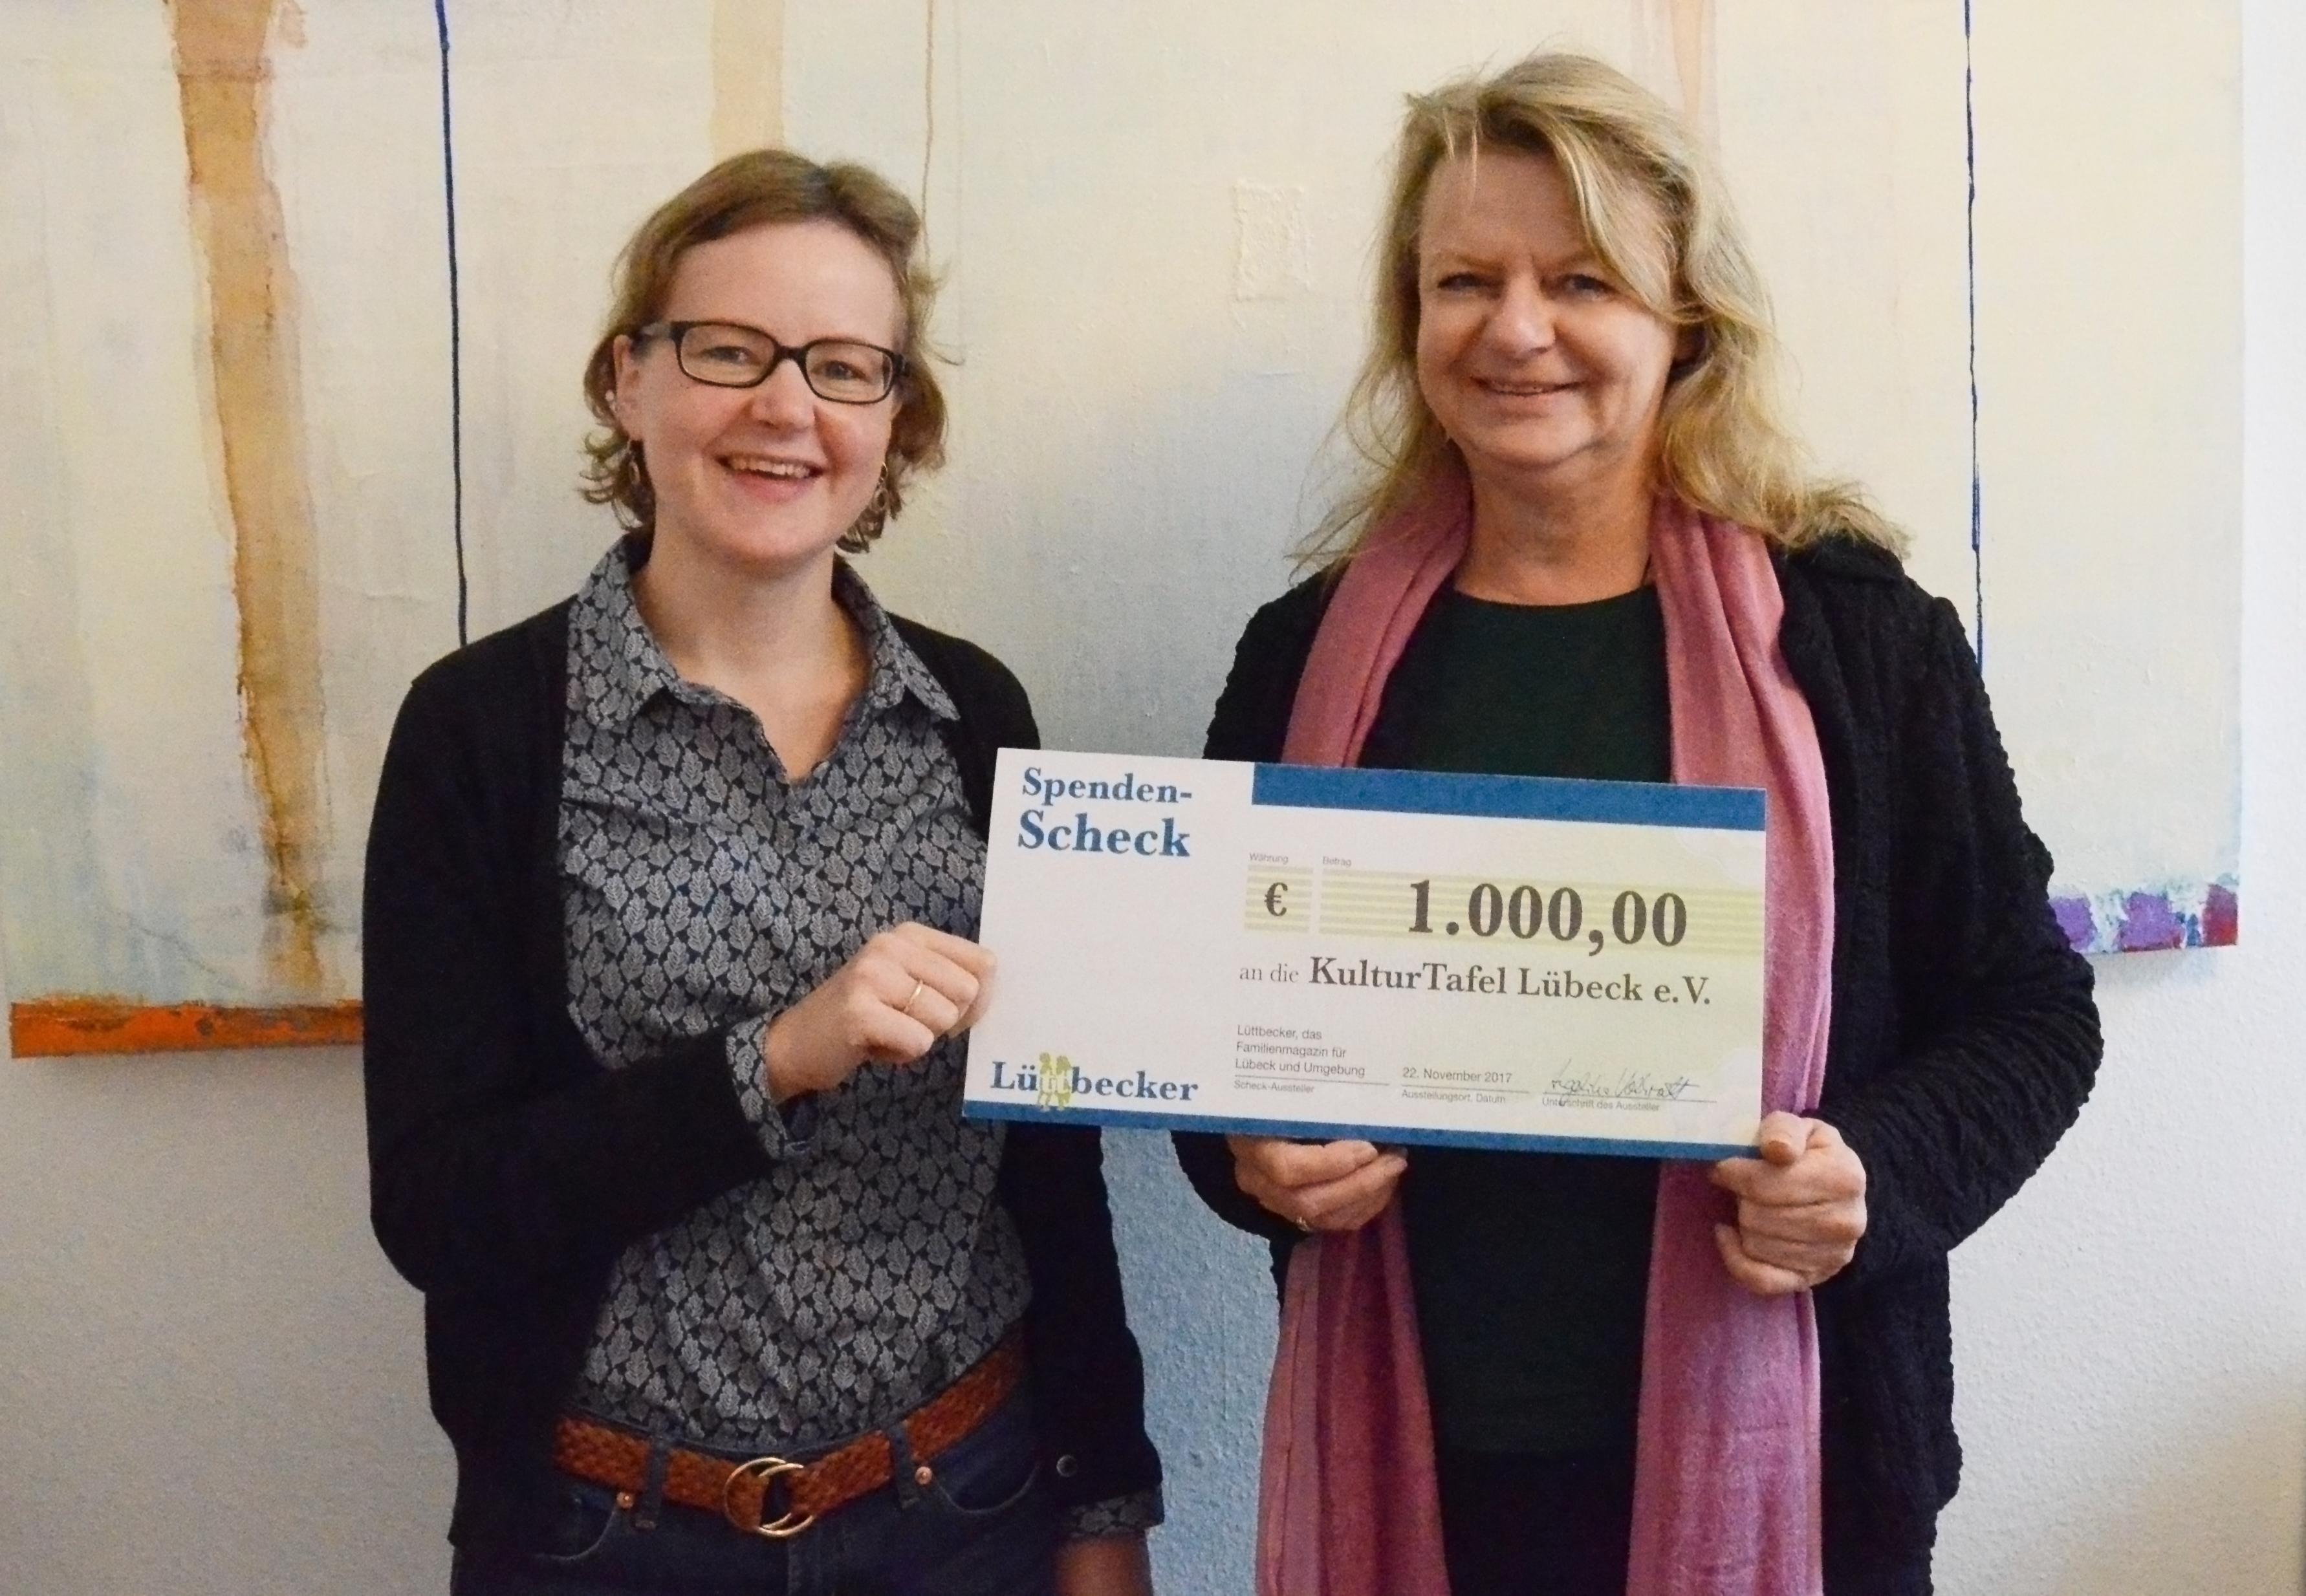 Lüttbecker spendet 100 Euro der Kulturtafel